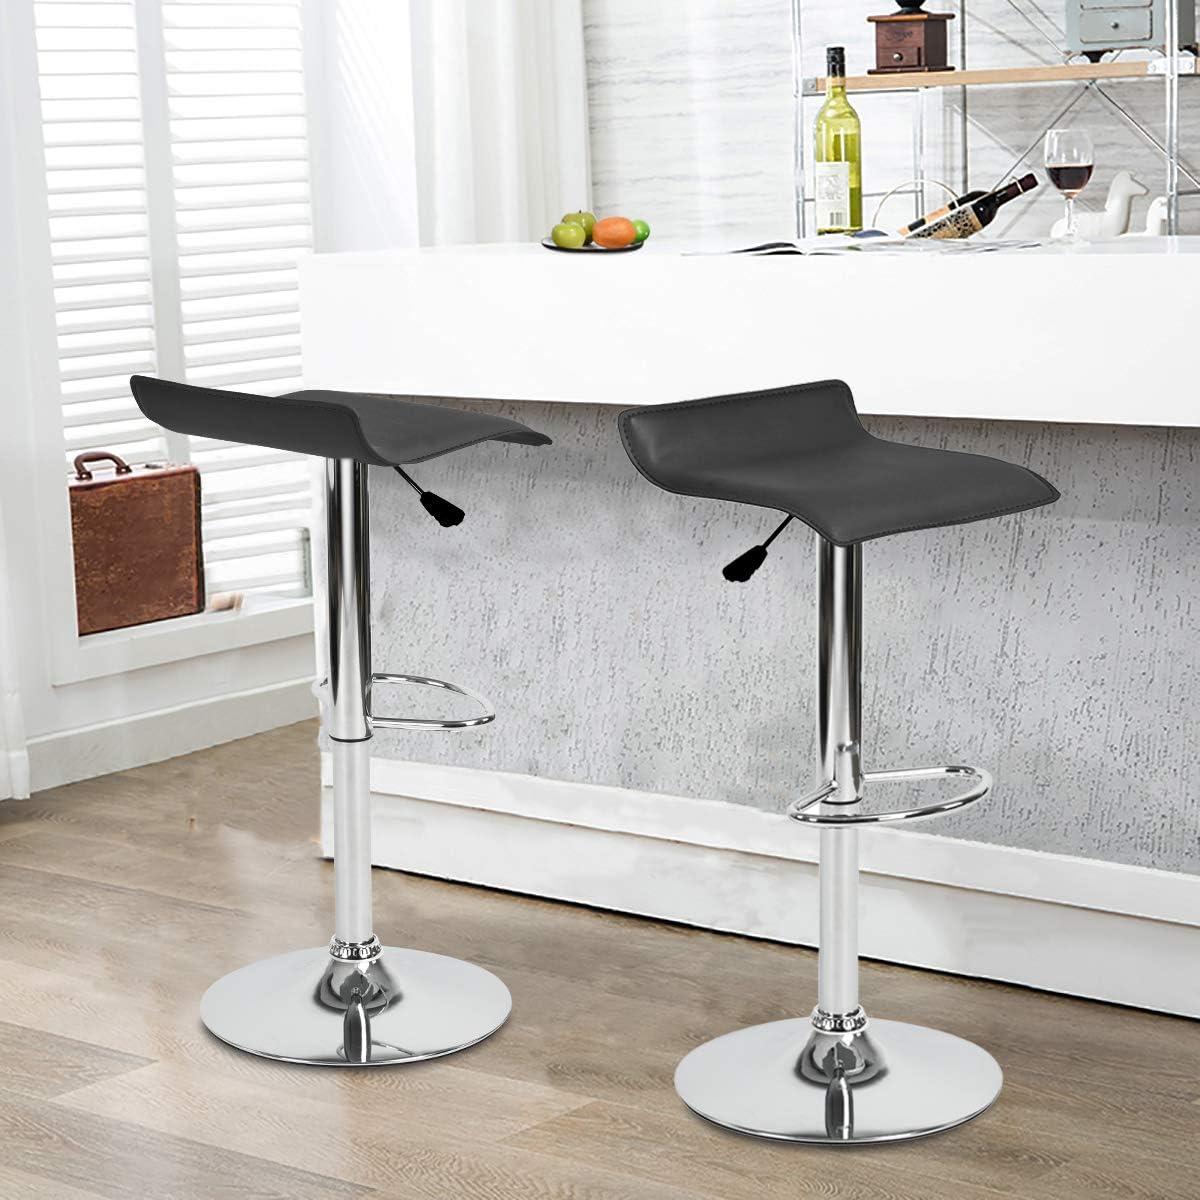 Furnish 1 Lot de 2 Tabourets de Bar pivotants r/églables de Couverture de PVC Noir tabourets de Bar de comptoir de Cuisine hydrauliques sans Bras